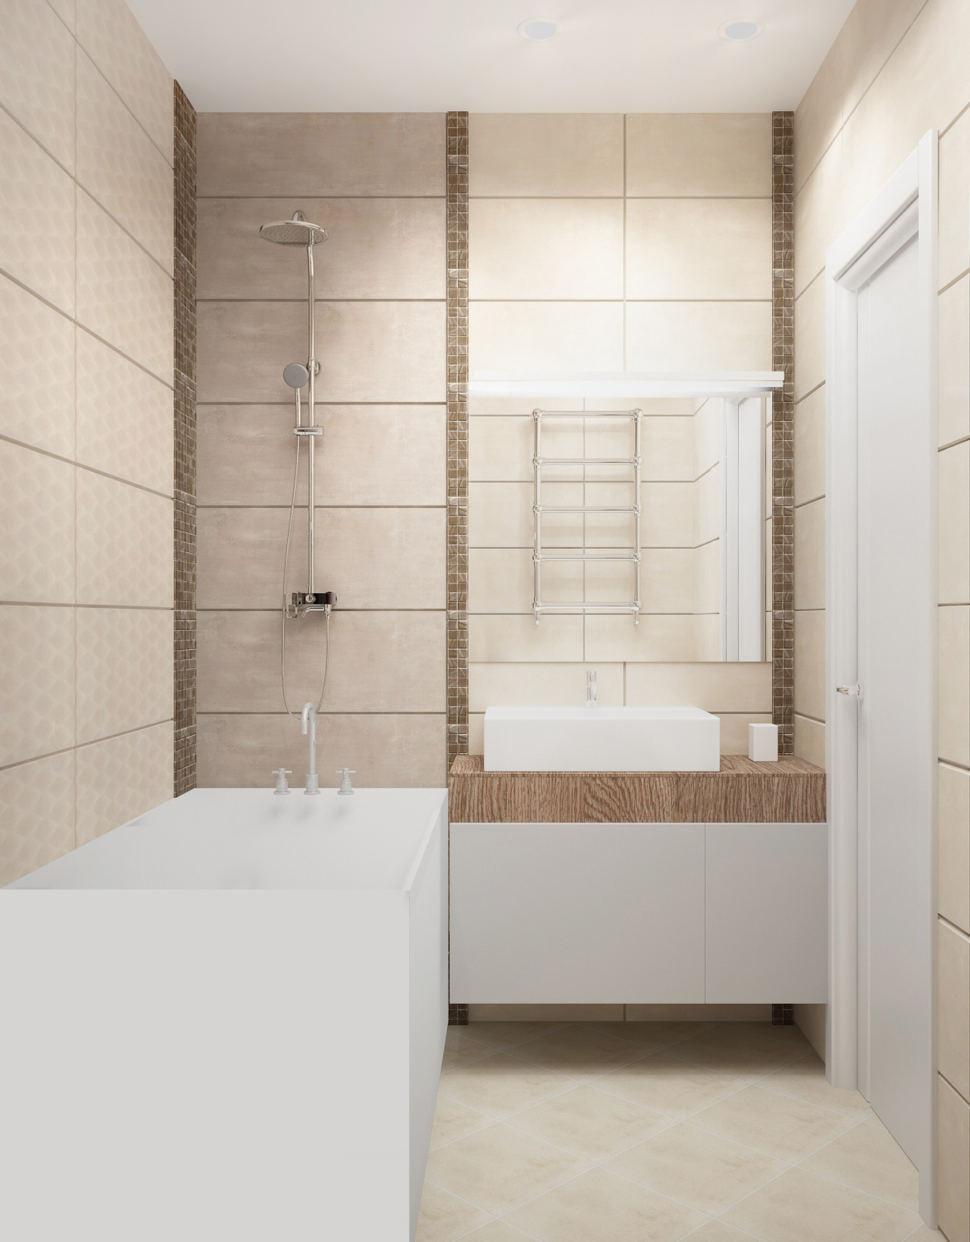 Дизайн-проект ванной комнаты в белых тонах 3 кв.м, ванна, душ, белая подвесная тумба, раковина, зеркало, плитка